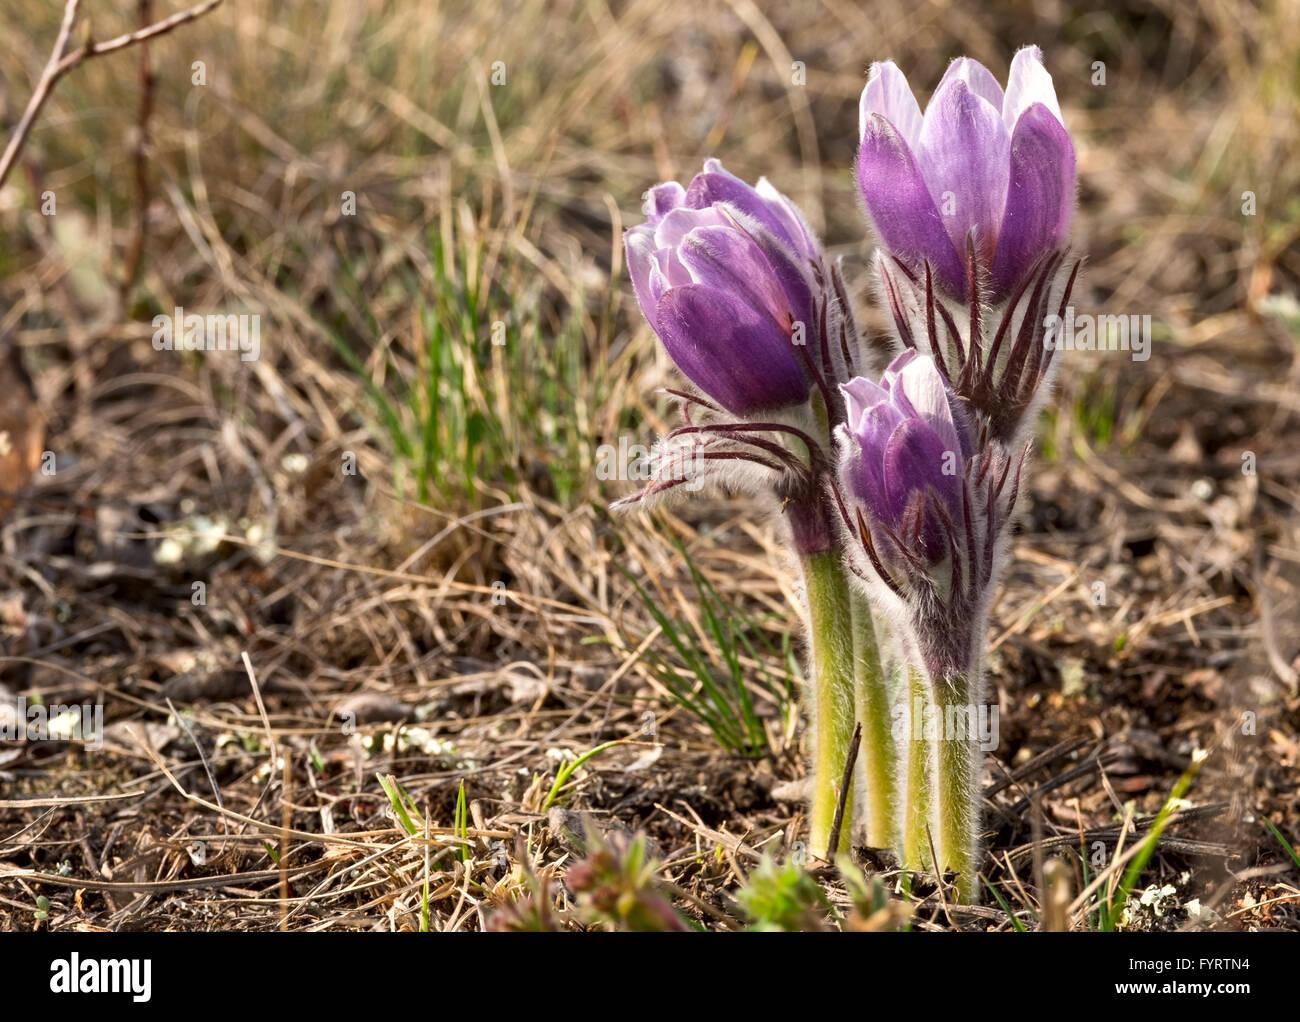 Pulsatilla patens close-up - primi fiori di primavera Immagini Stock